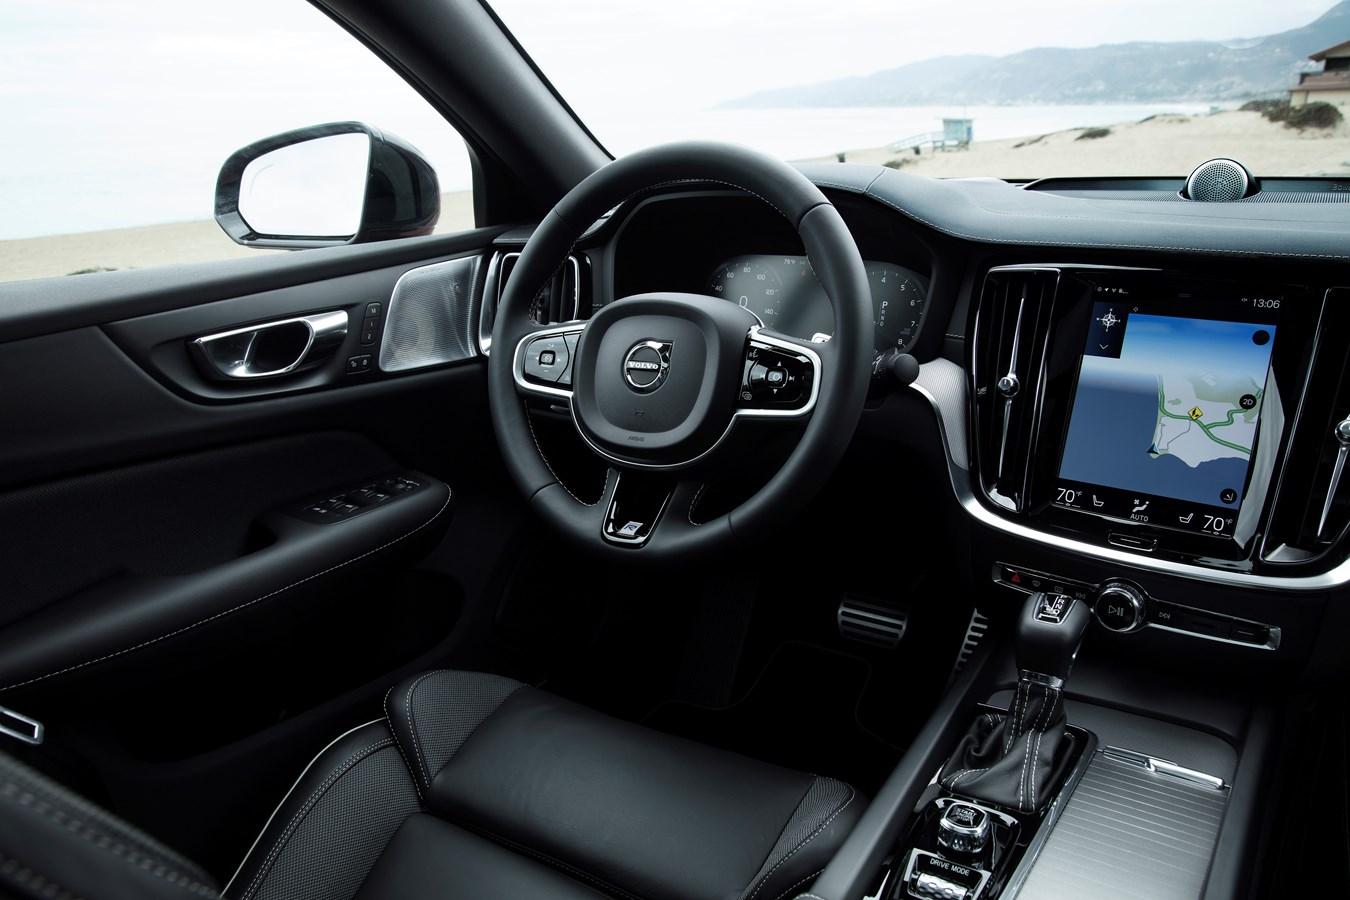 New Volvo S60 R Design Interior Volvo Cars Global Media